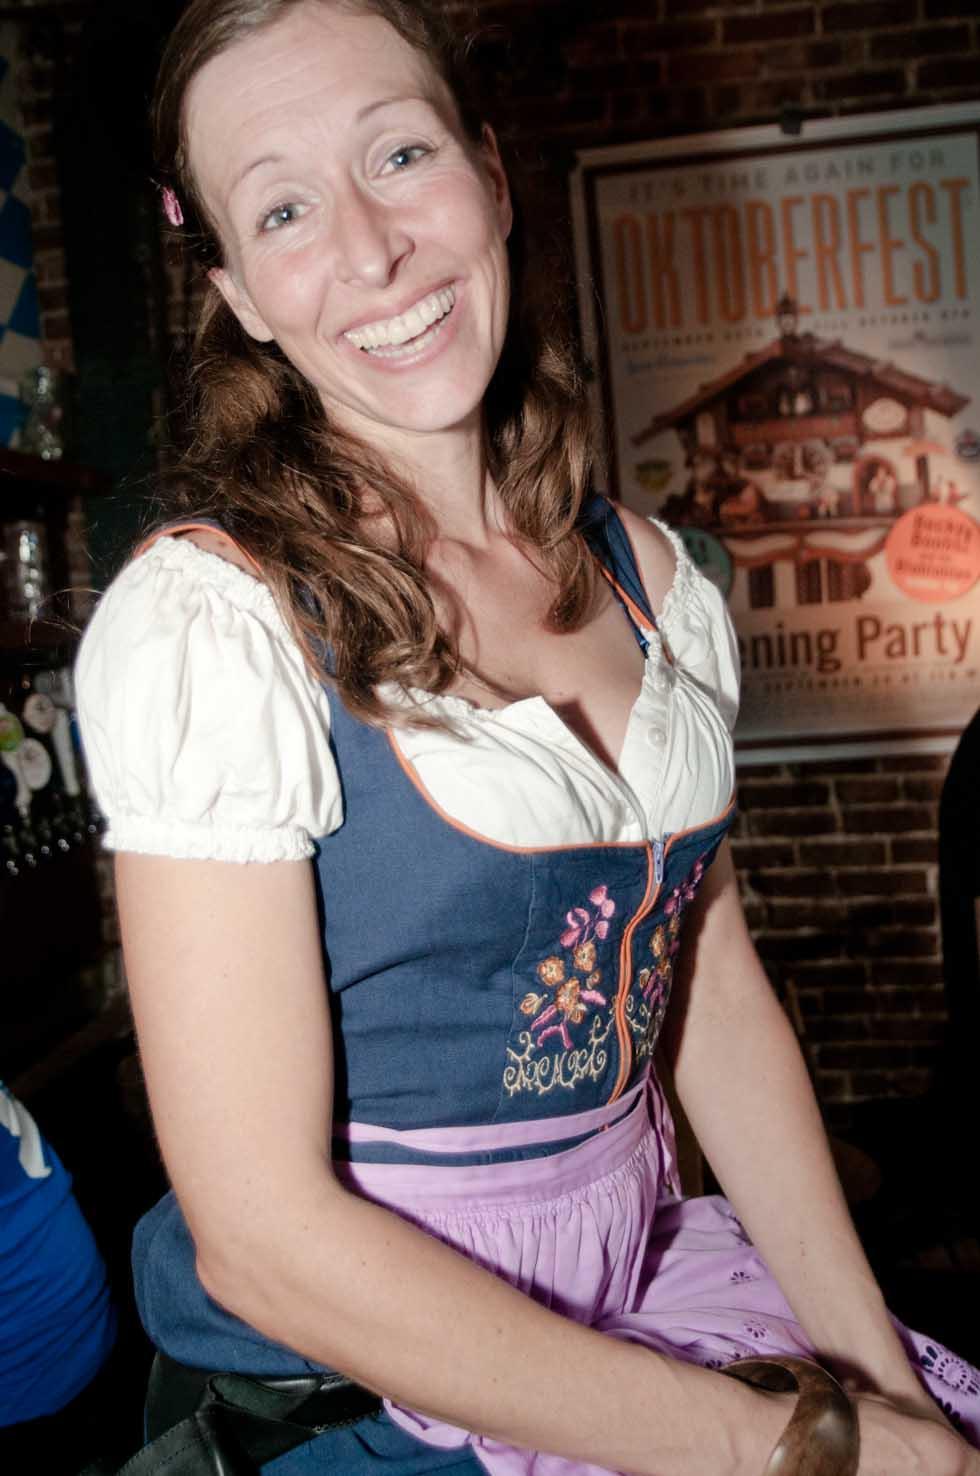 zum-schneider-nyc-2011-oktoberfest-0891.jpg